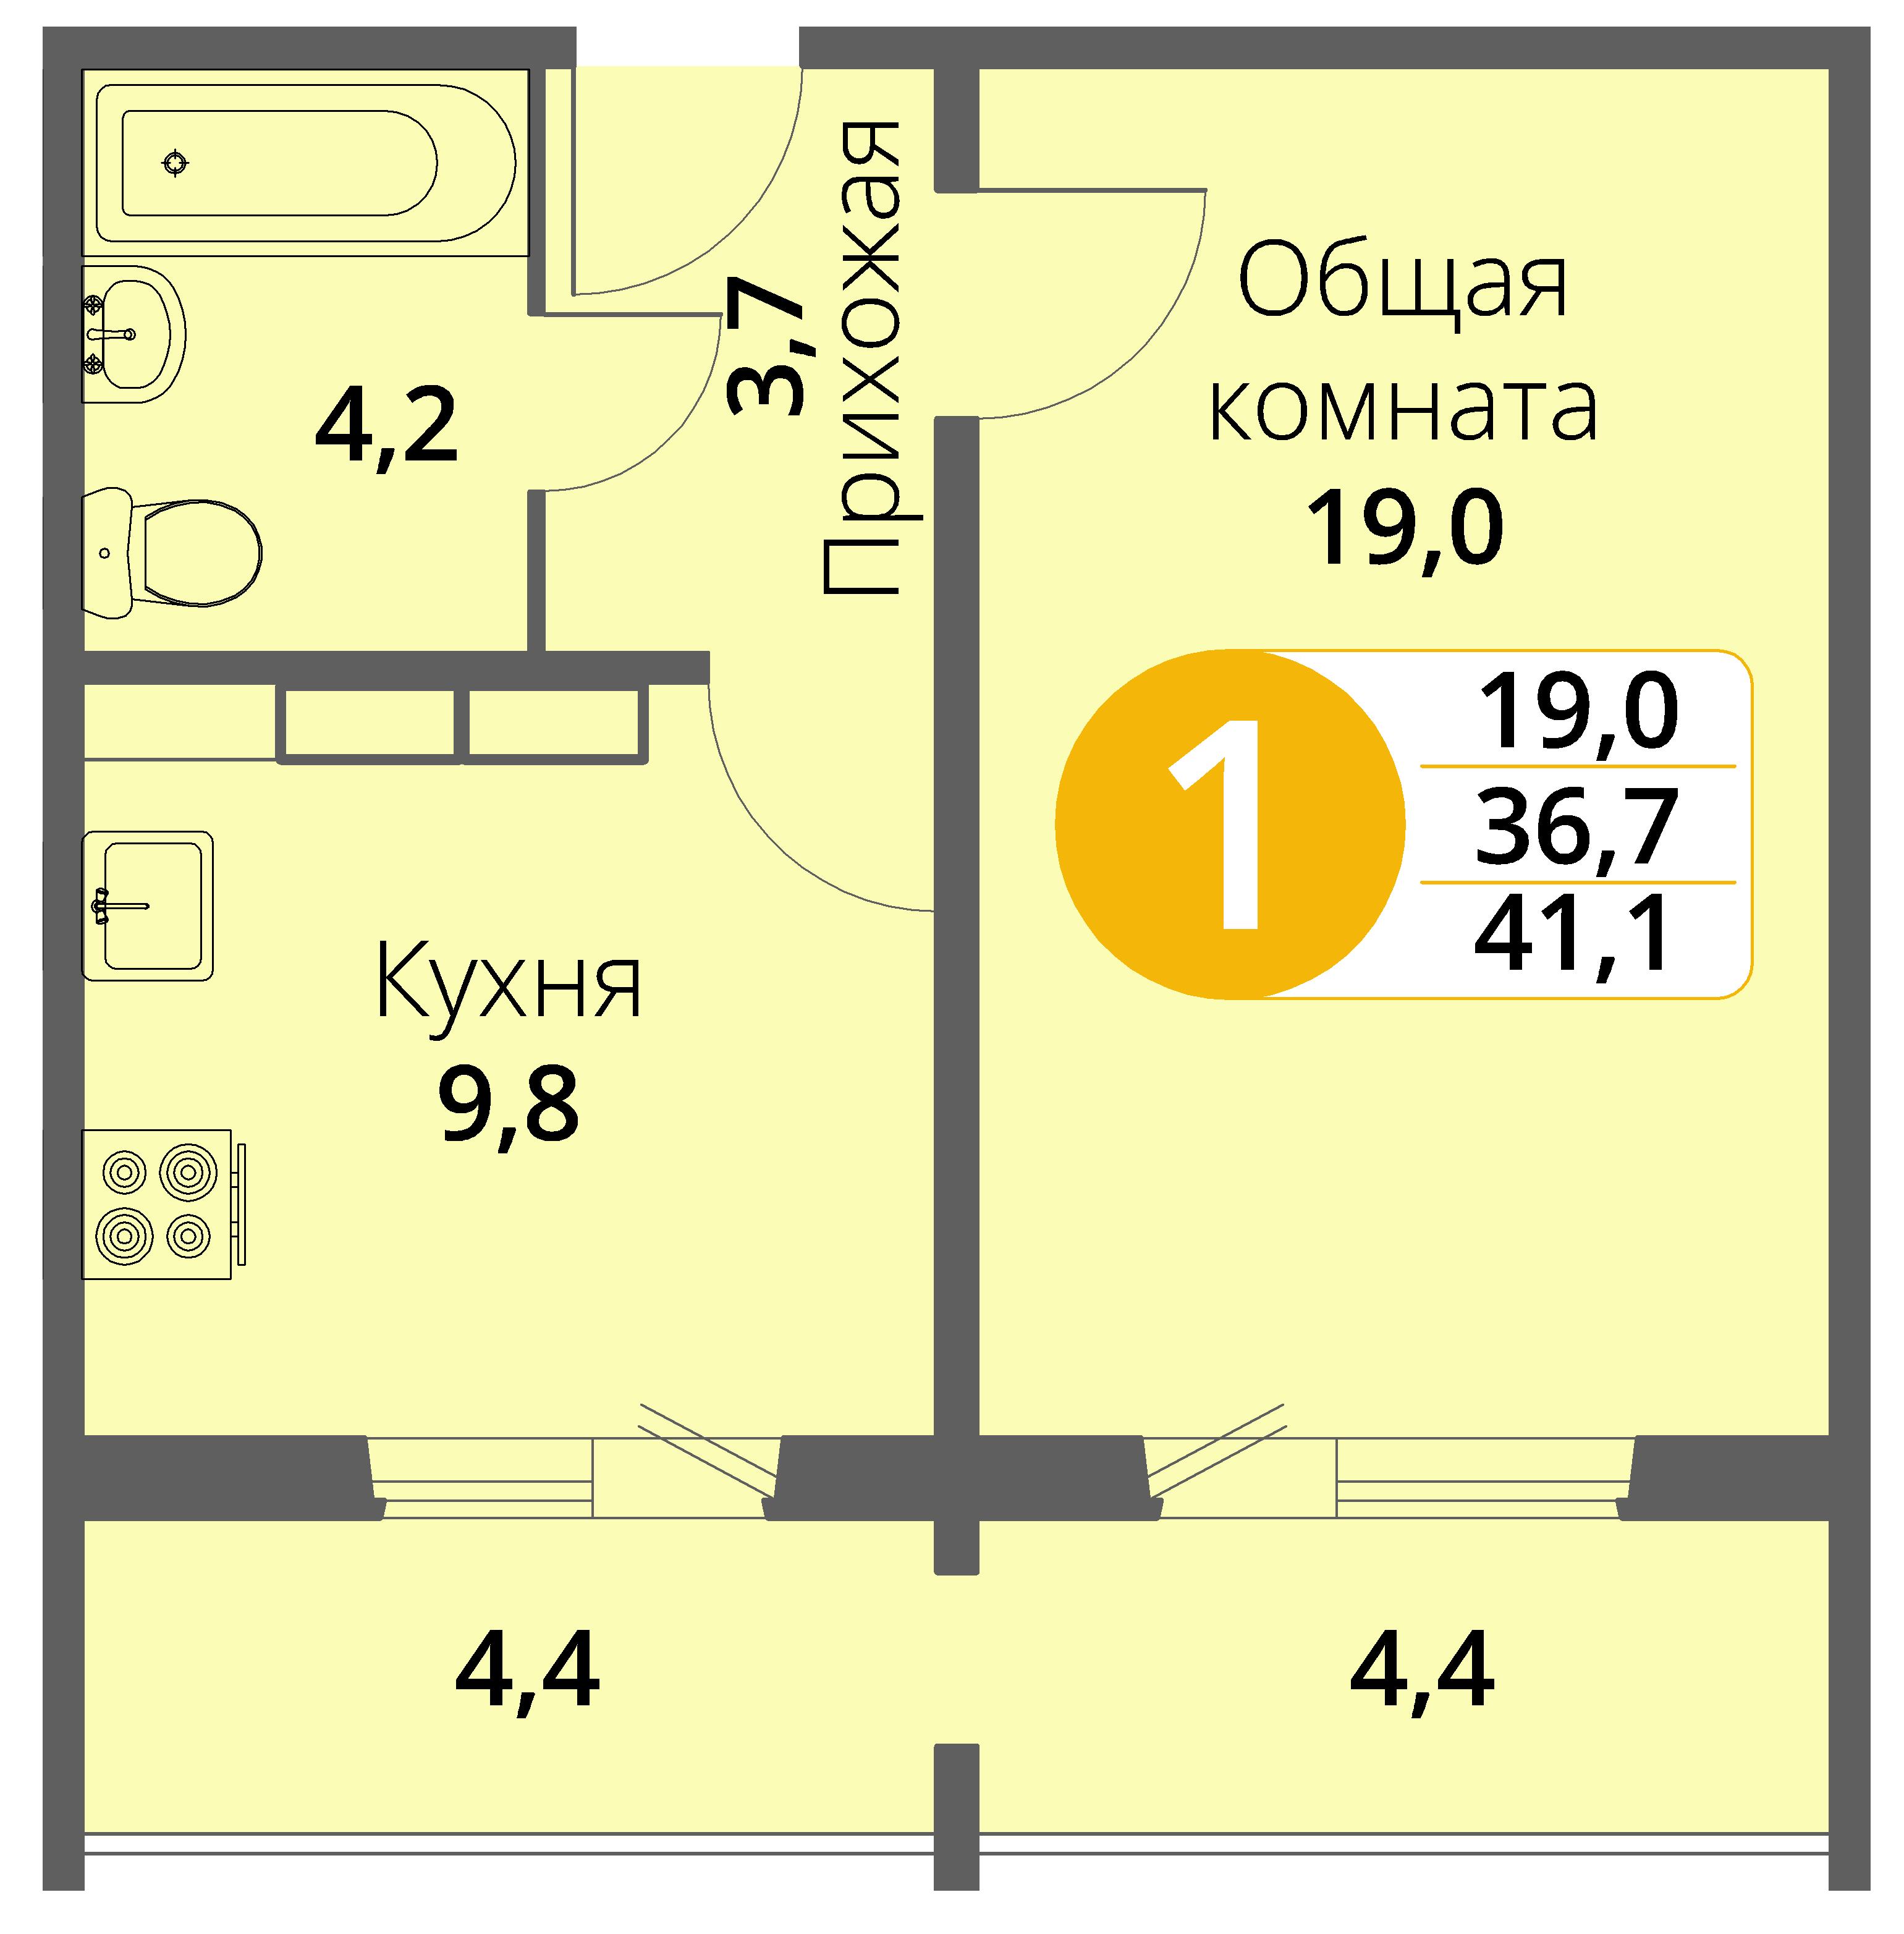 Зареченская 1-2, квартира 108 - Однокомнатная